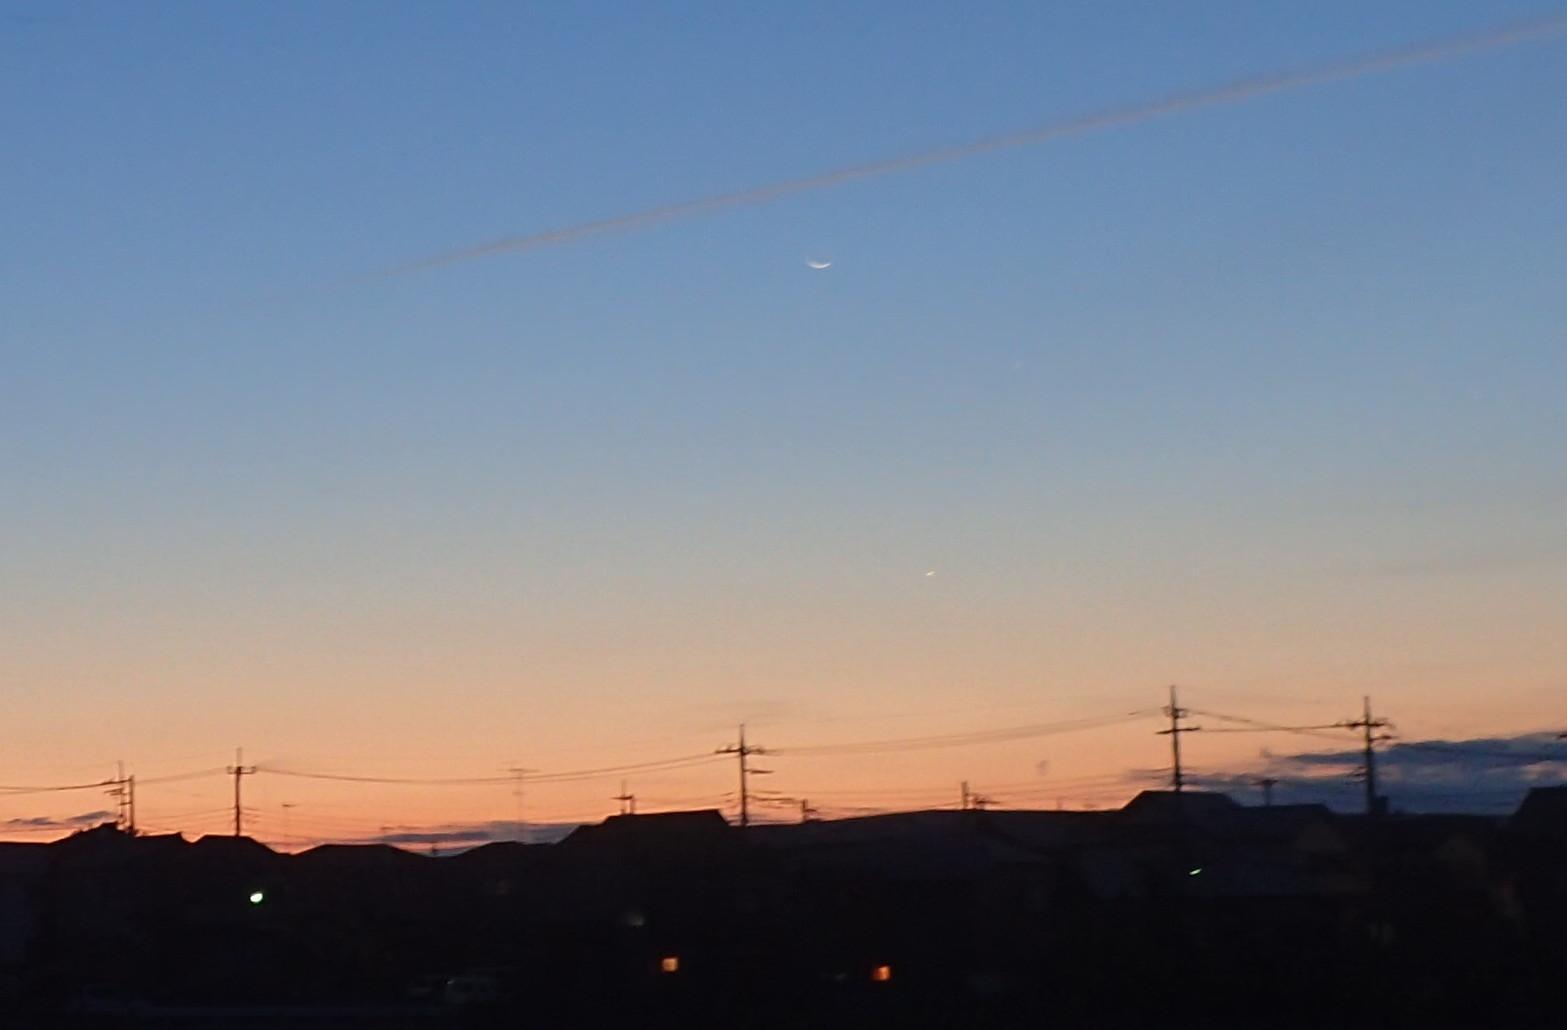 天体ショー                        月木星金星大接近2017/11/17_d0251807_07051845.jpg